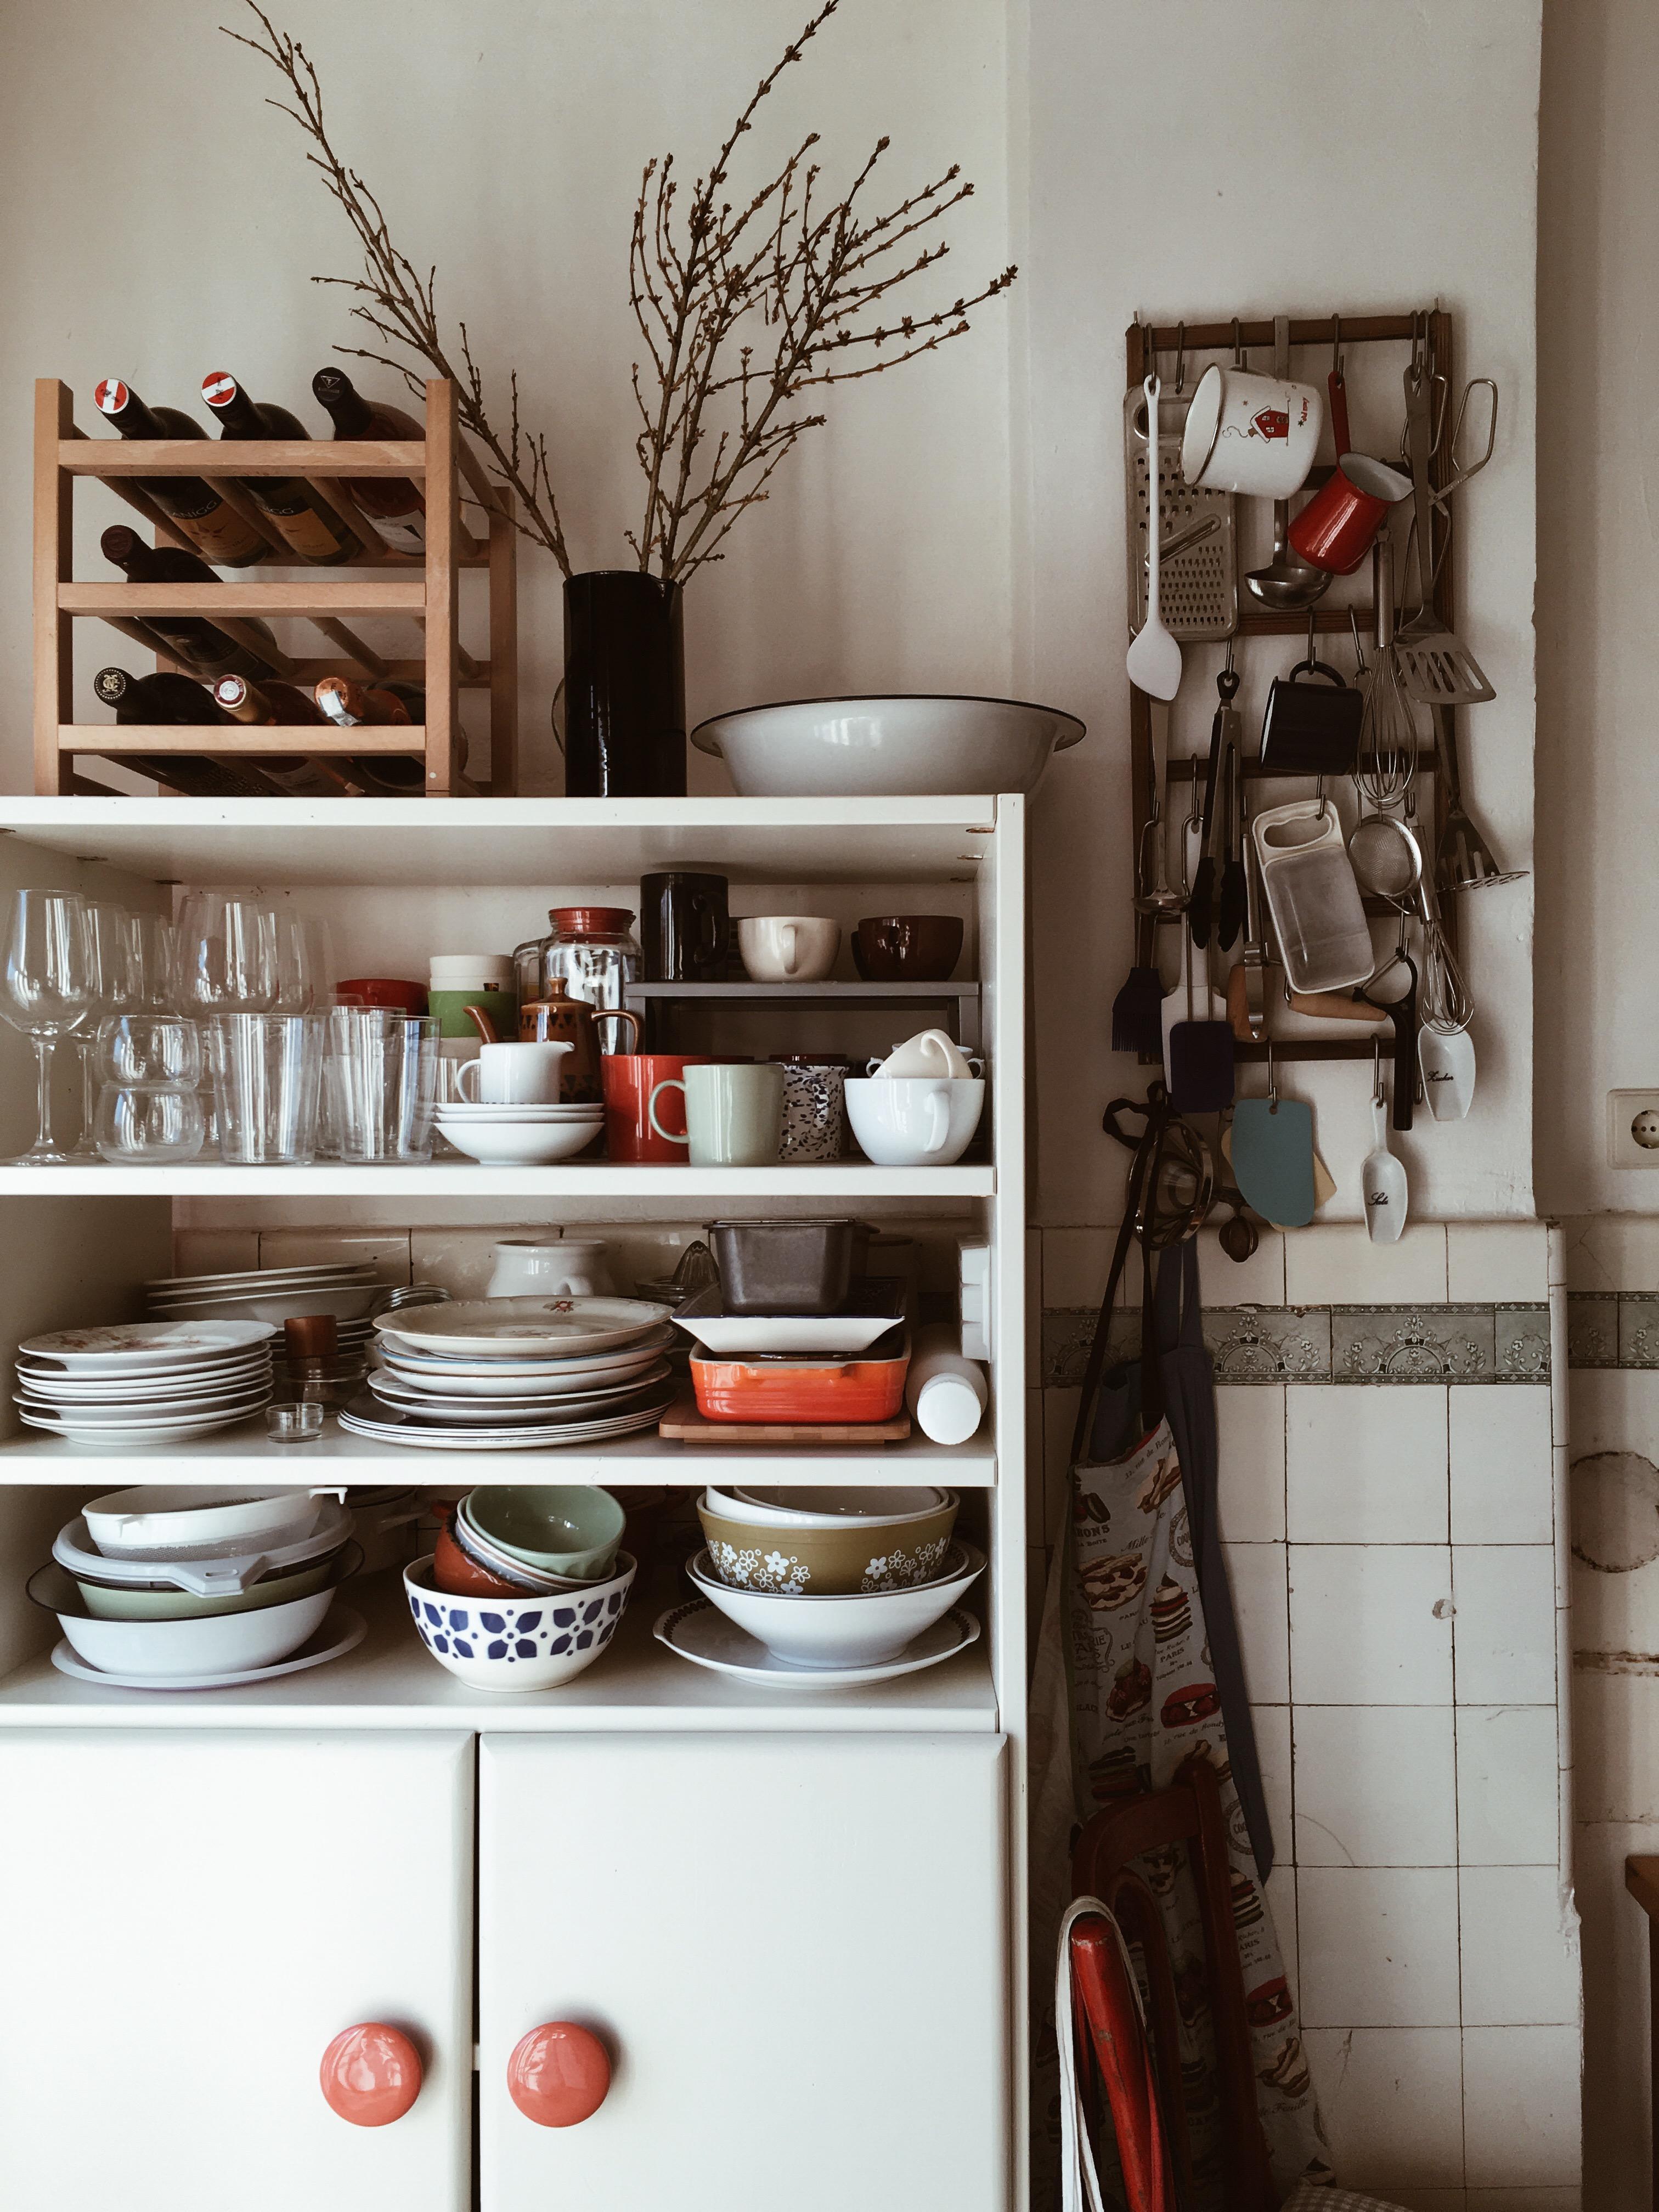 Entzückend Retro Küche Ideen Von Ich Nenne Es #kreativ Zusammengestellt #küchenschrank #küchenwand